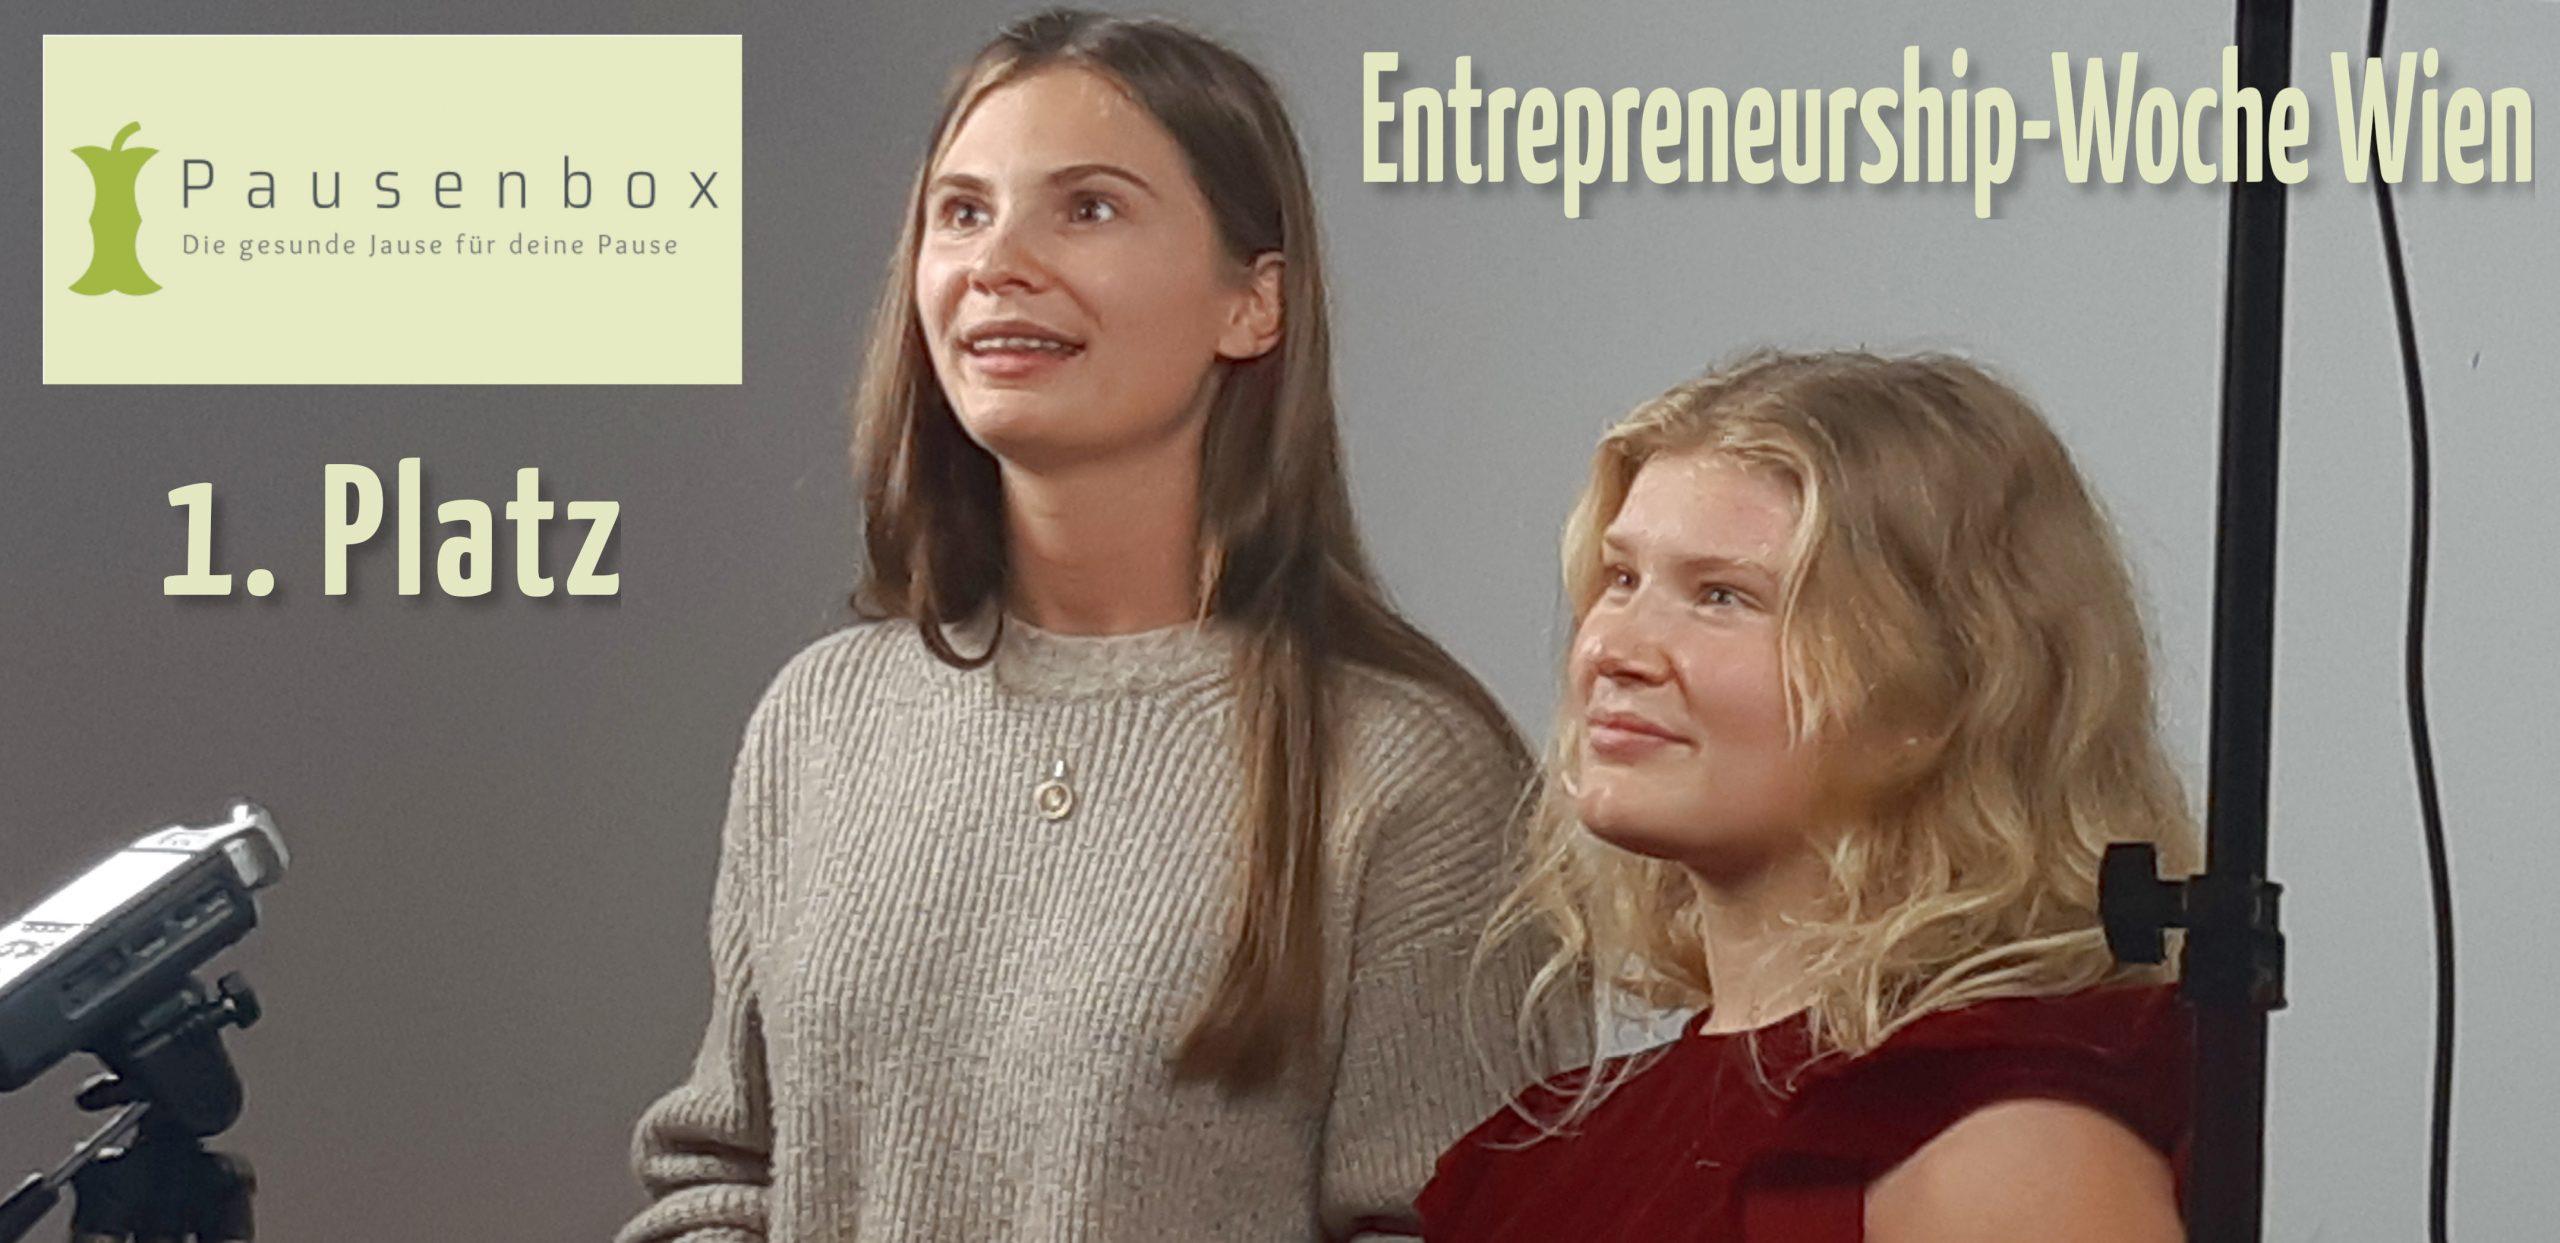 Entrepreneurship WocheWien